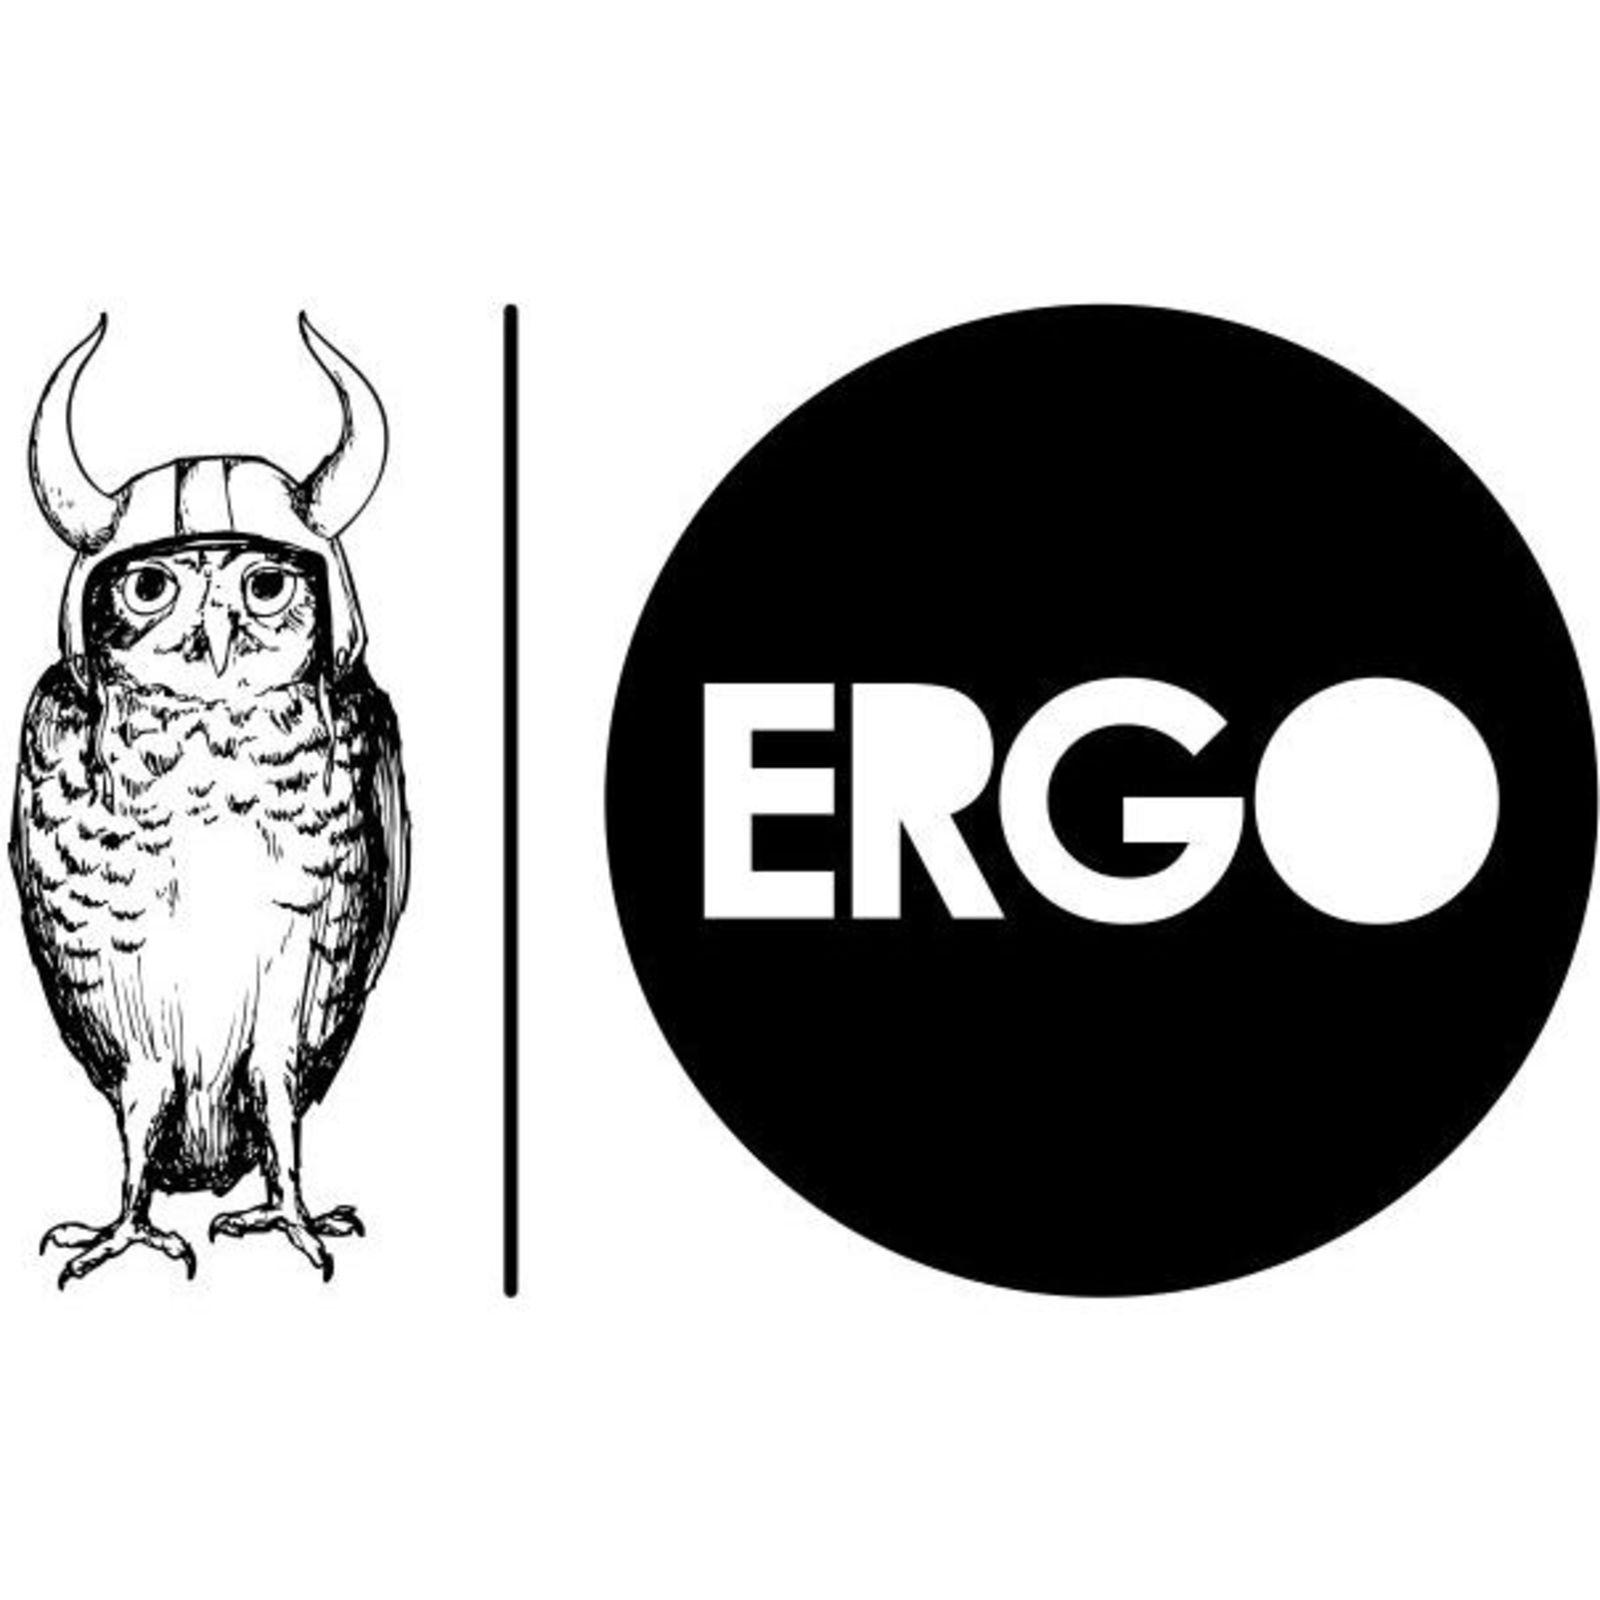 ERGOclothing